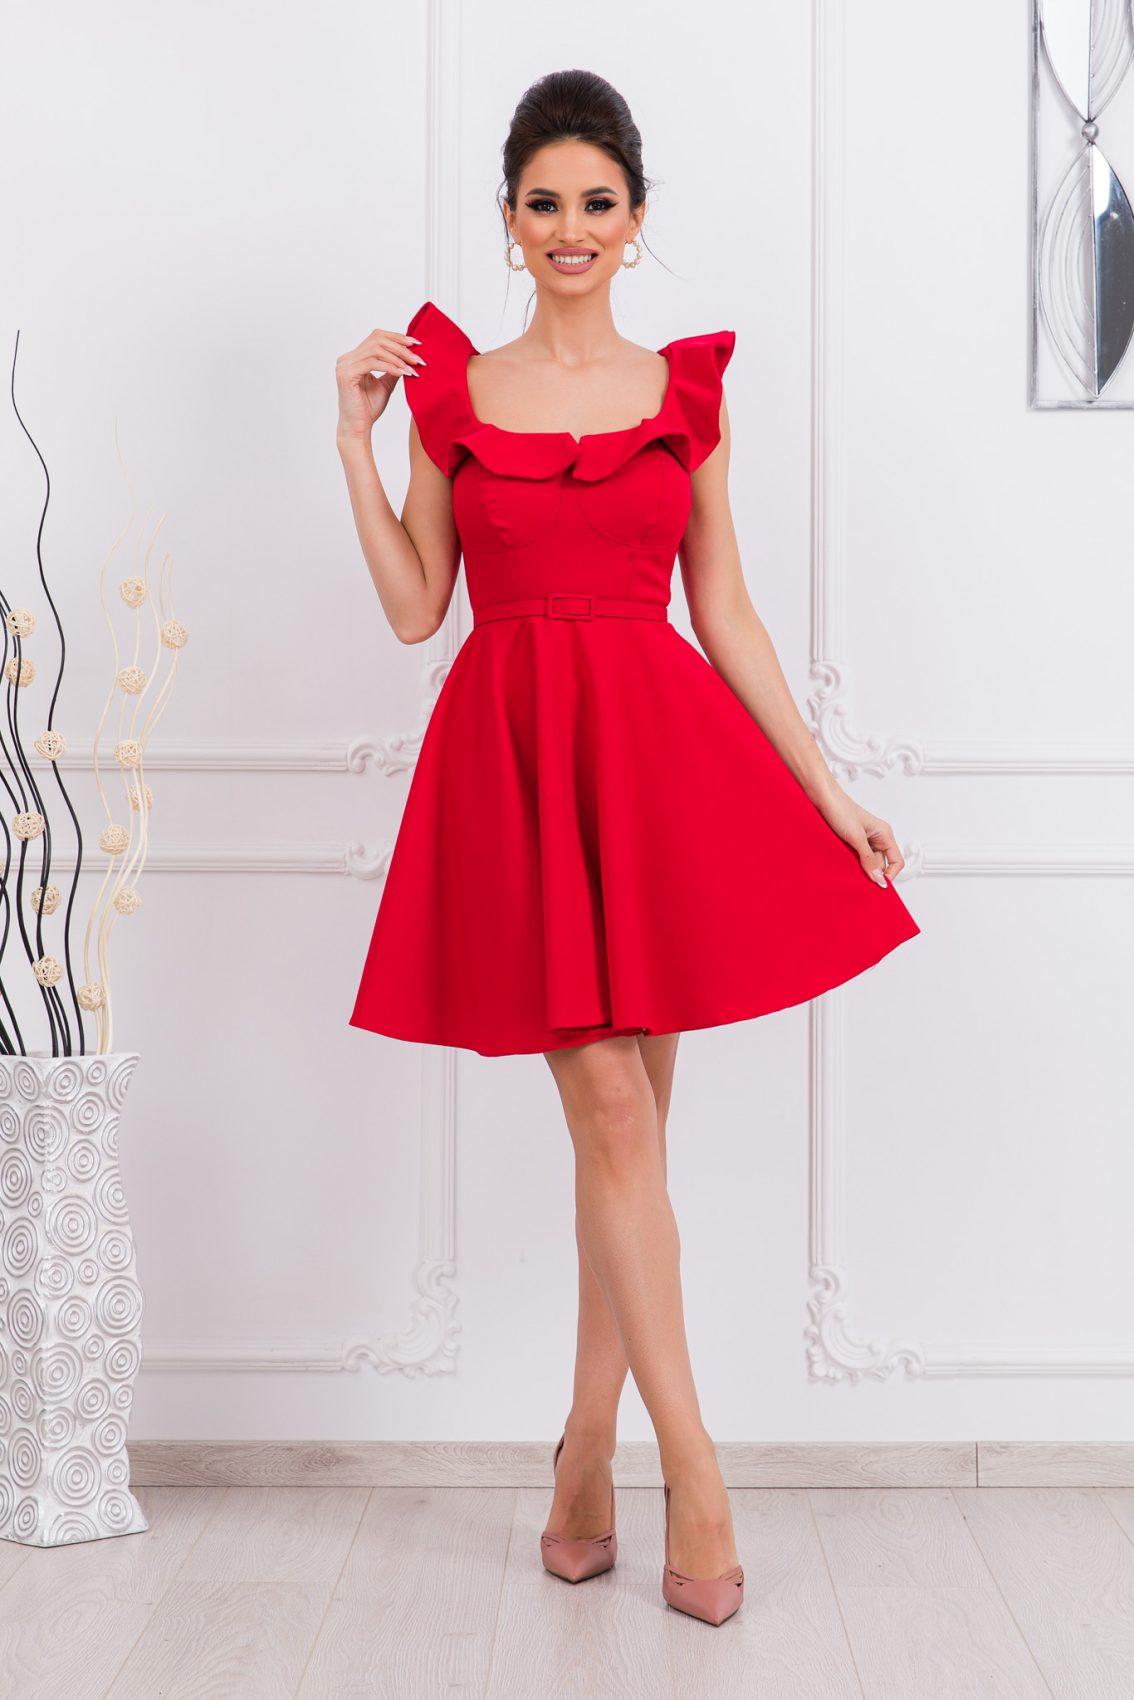 Κόκκινο Κλος Φόρεμα Με Βολάν Girlish 9678 1